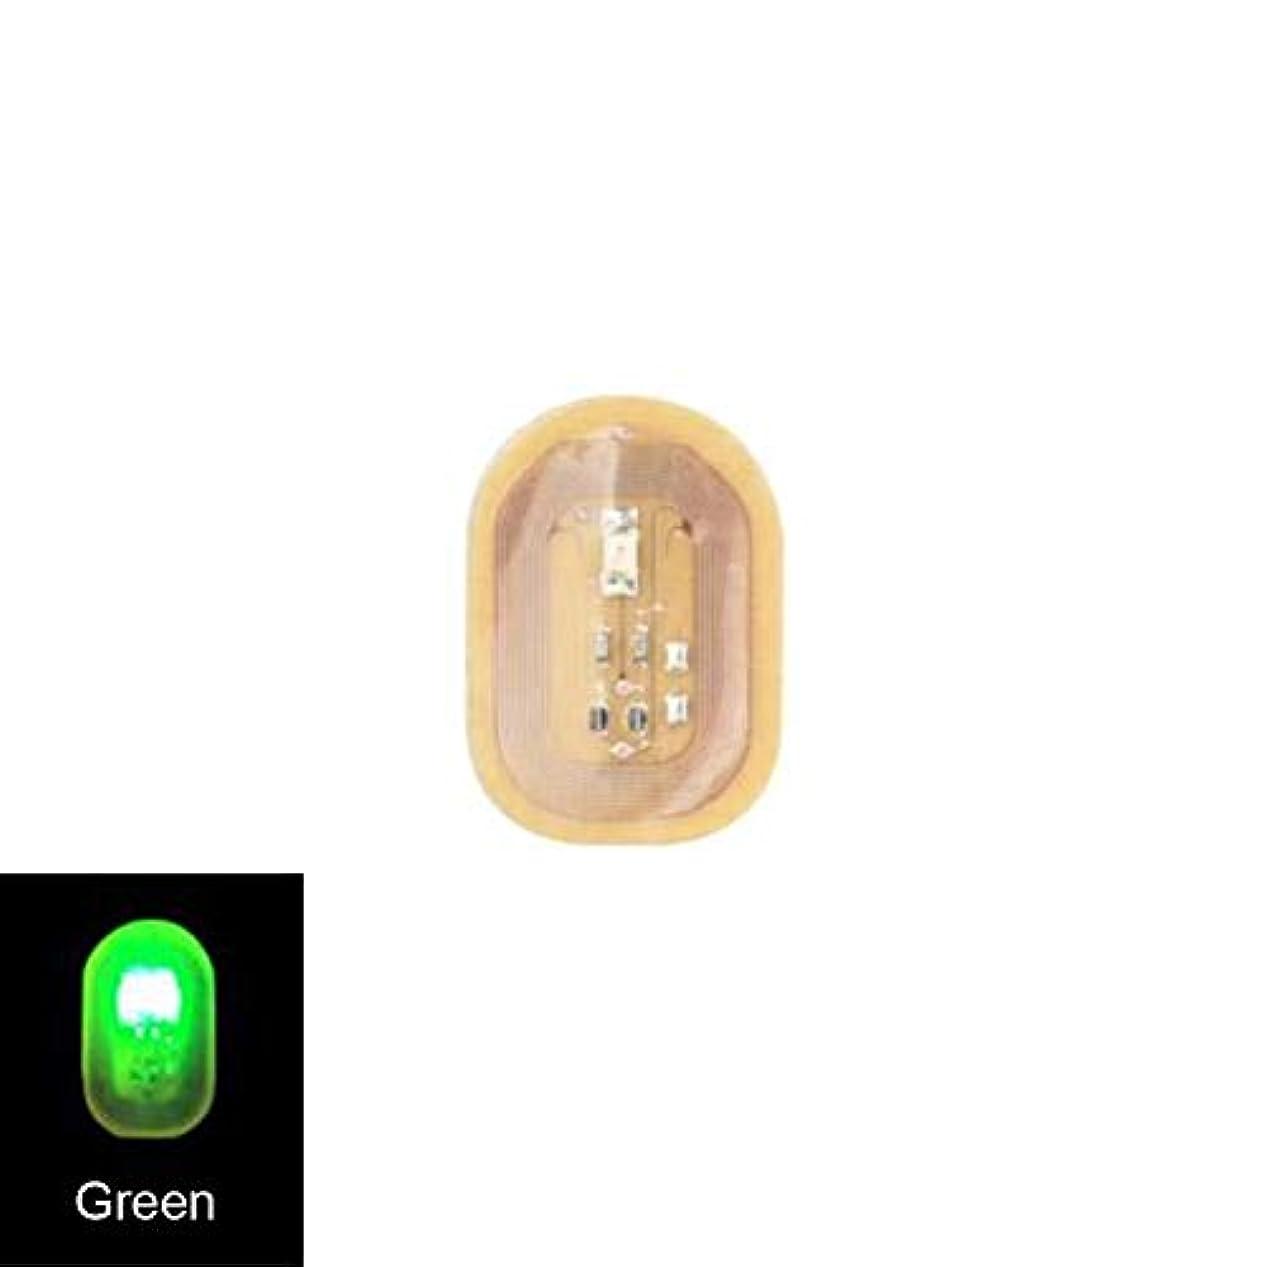 つづり入り口ウイルスACHICOO ネイルステッカー NFC ネイルアート ヒント DIYステッカー 電話 LEDライト フラッシュパーティー デコレーション ネイルチップ 緑色の光